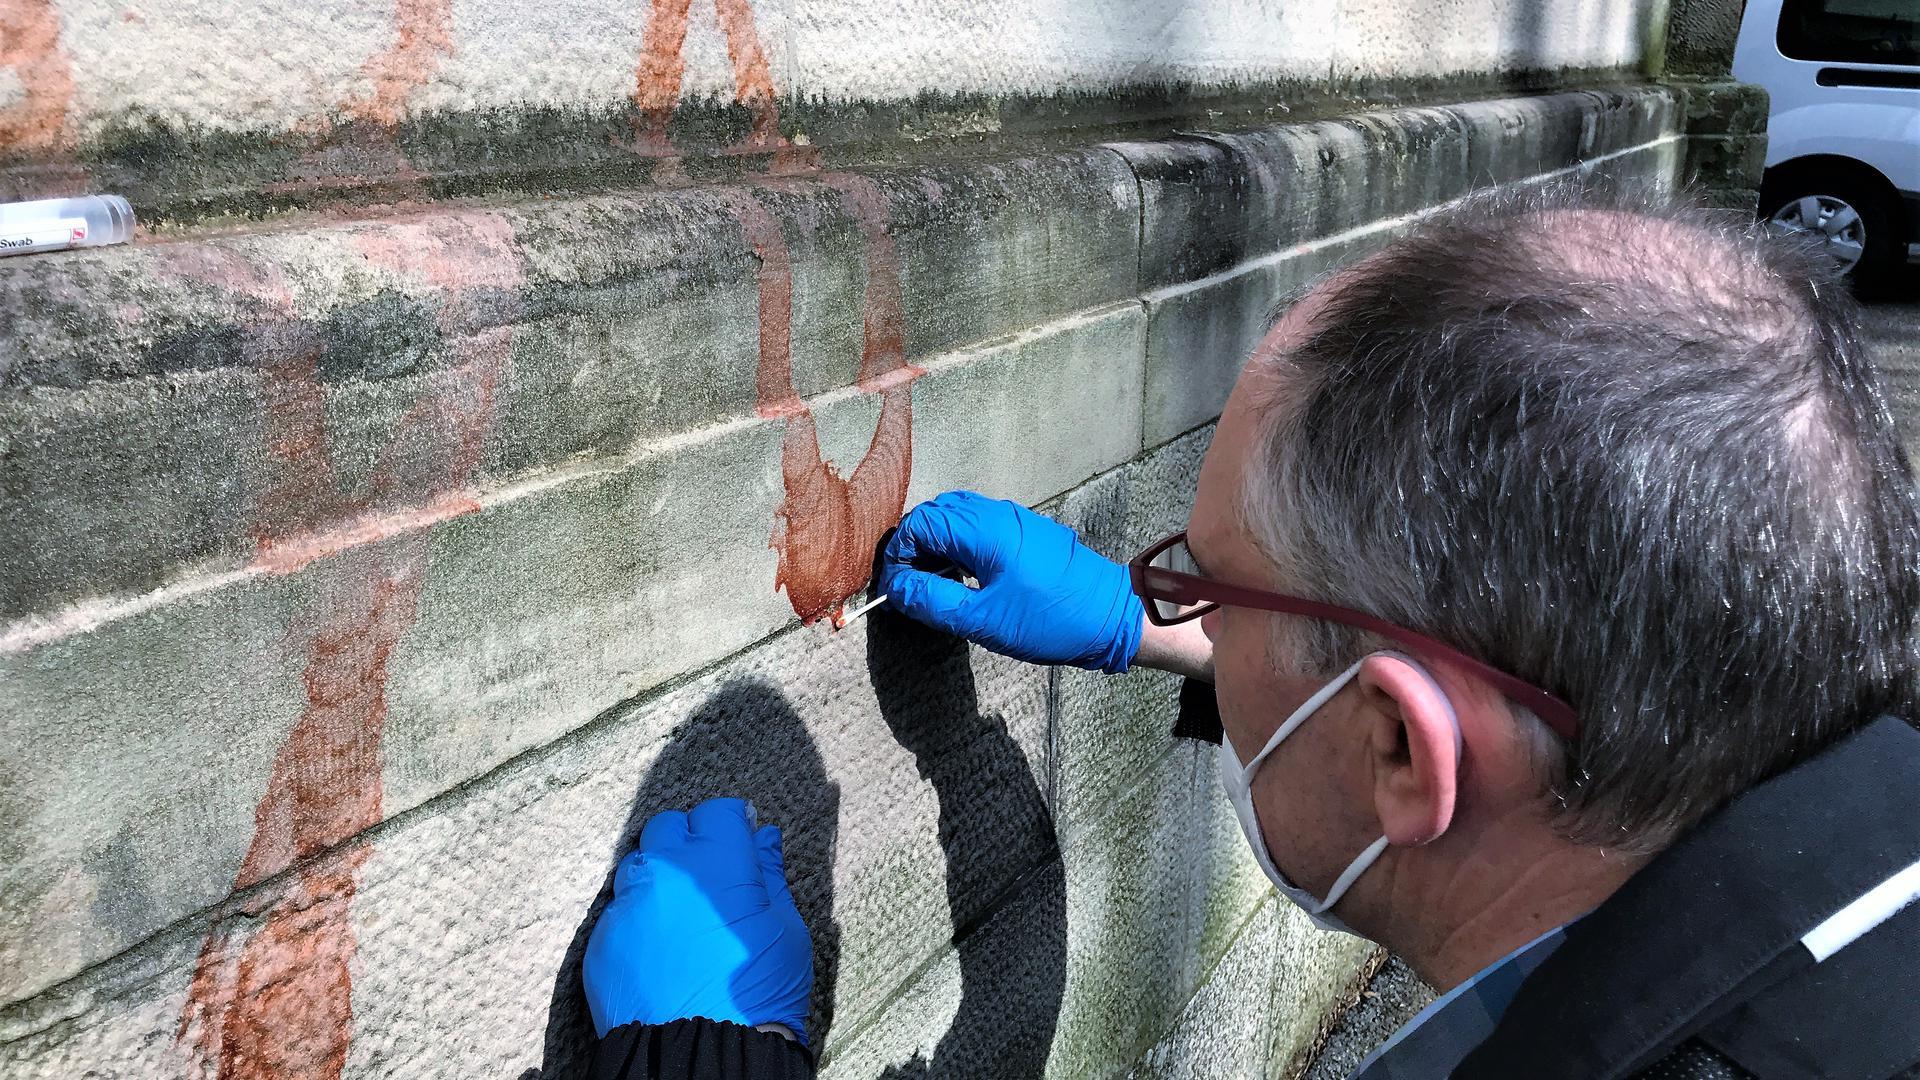 Ein Mann tupft mit einem Wattestäbchen Farbe von einer Schmiererei an einer Kirchenwand.